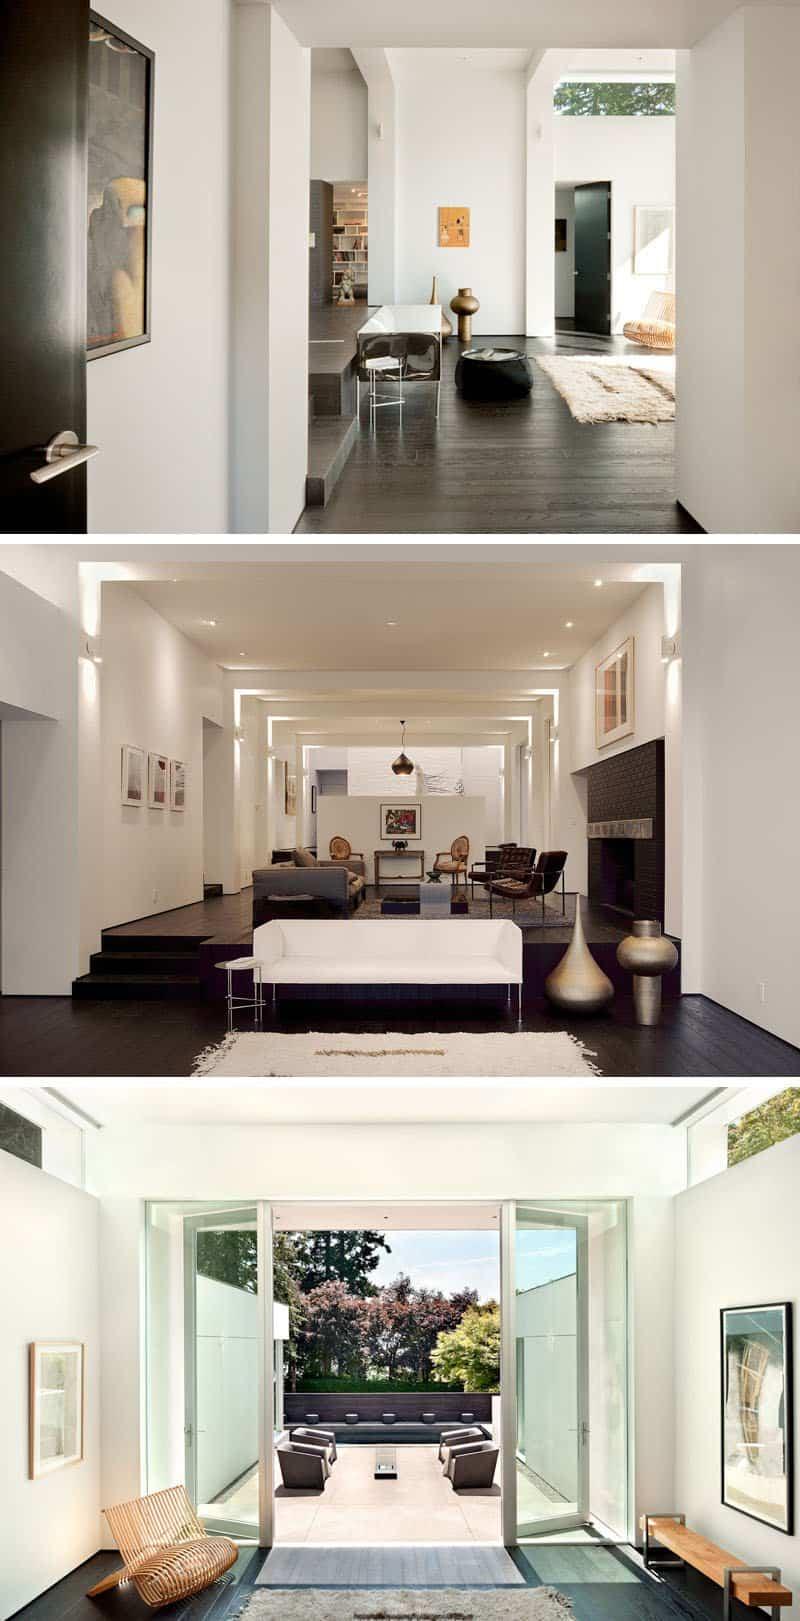 casa reformada como galeria de arte 5